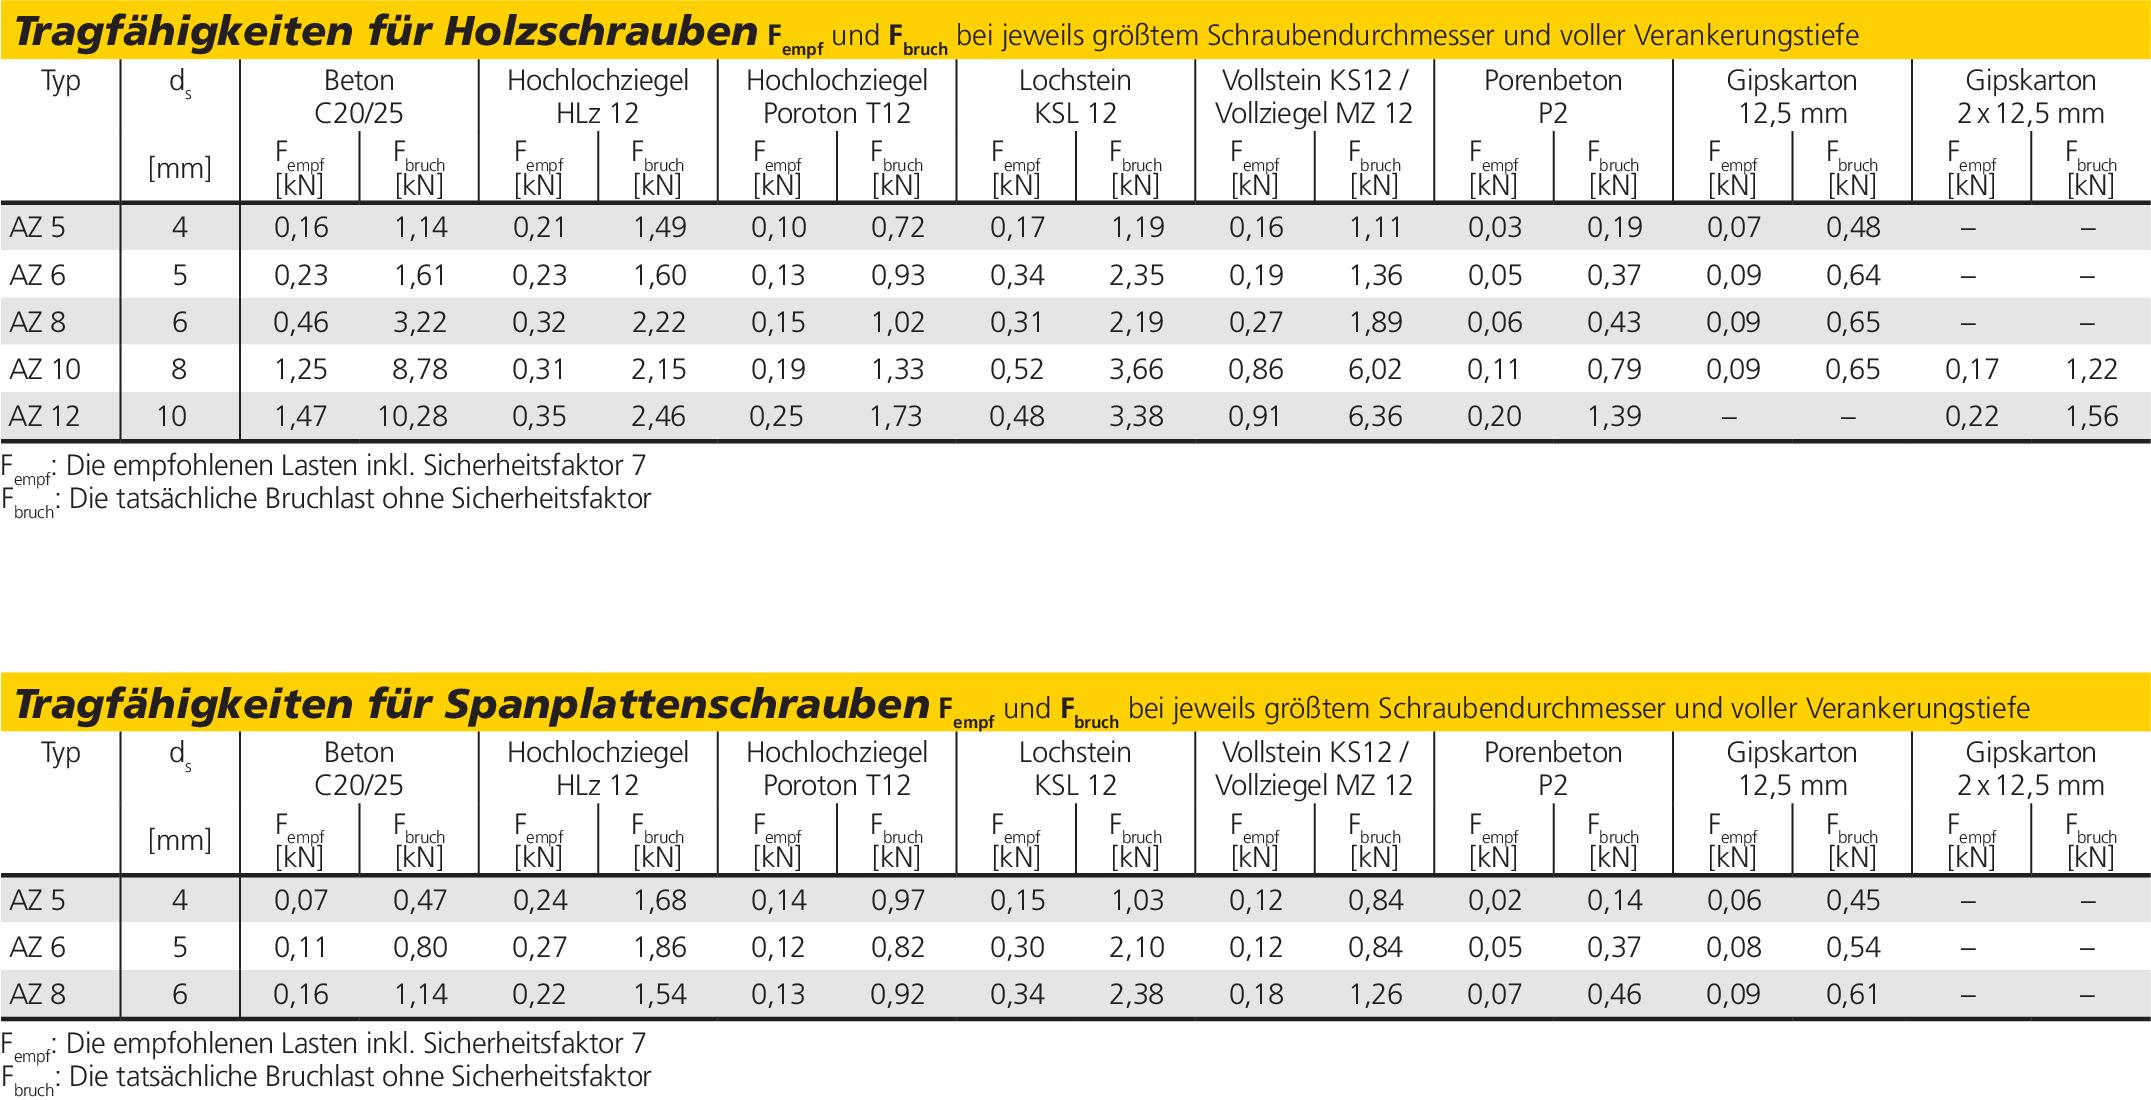 Turbo Leichtbefestigung günstig kaufen | Schrauben-Profi Shop | Frantos.com ZW56